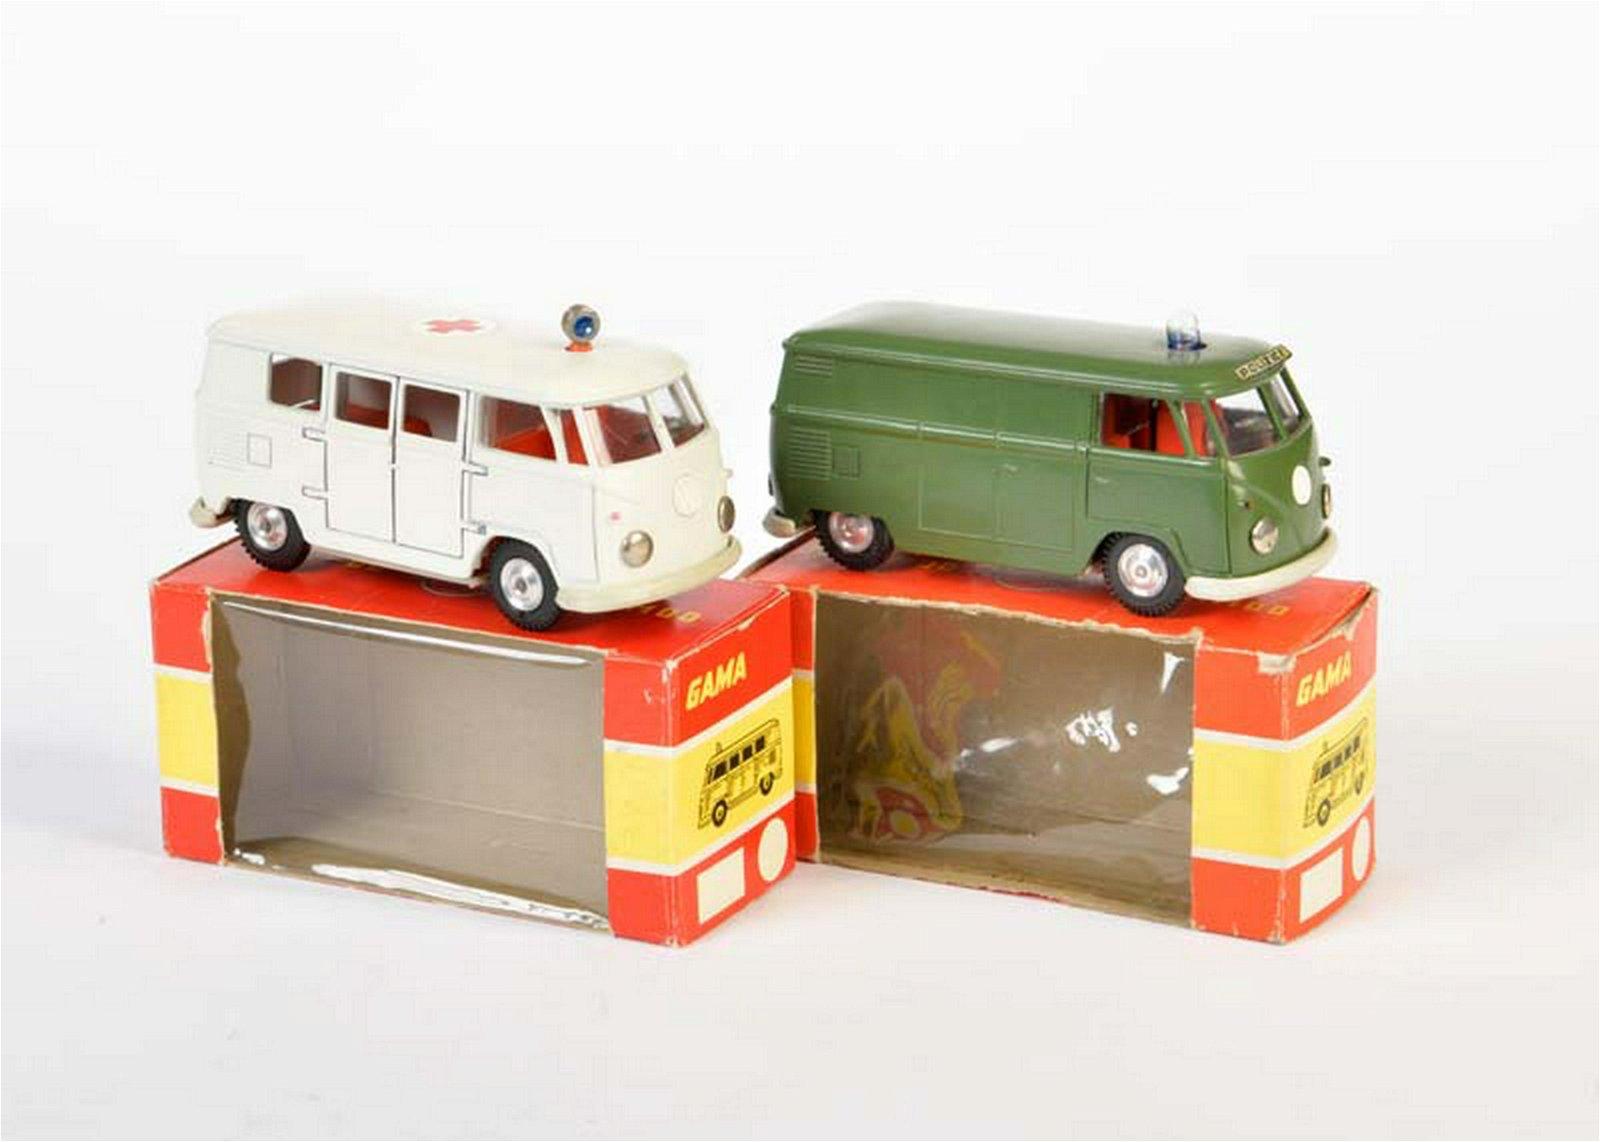 Gama, Minimod 2x VW Bus